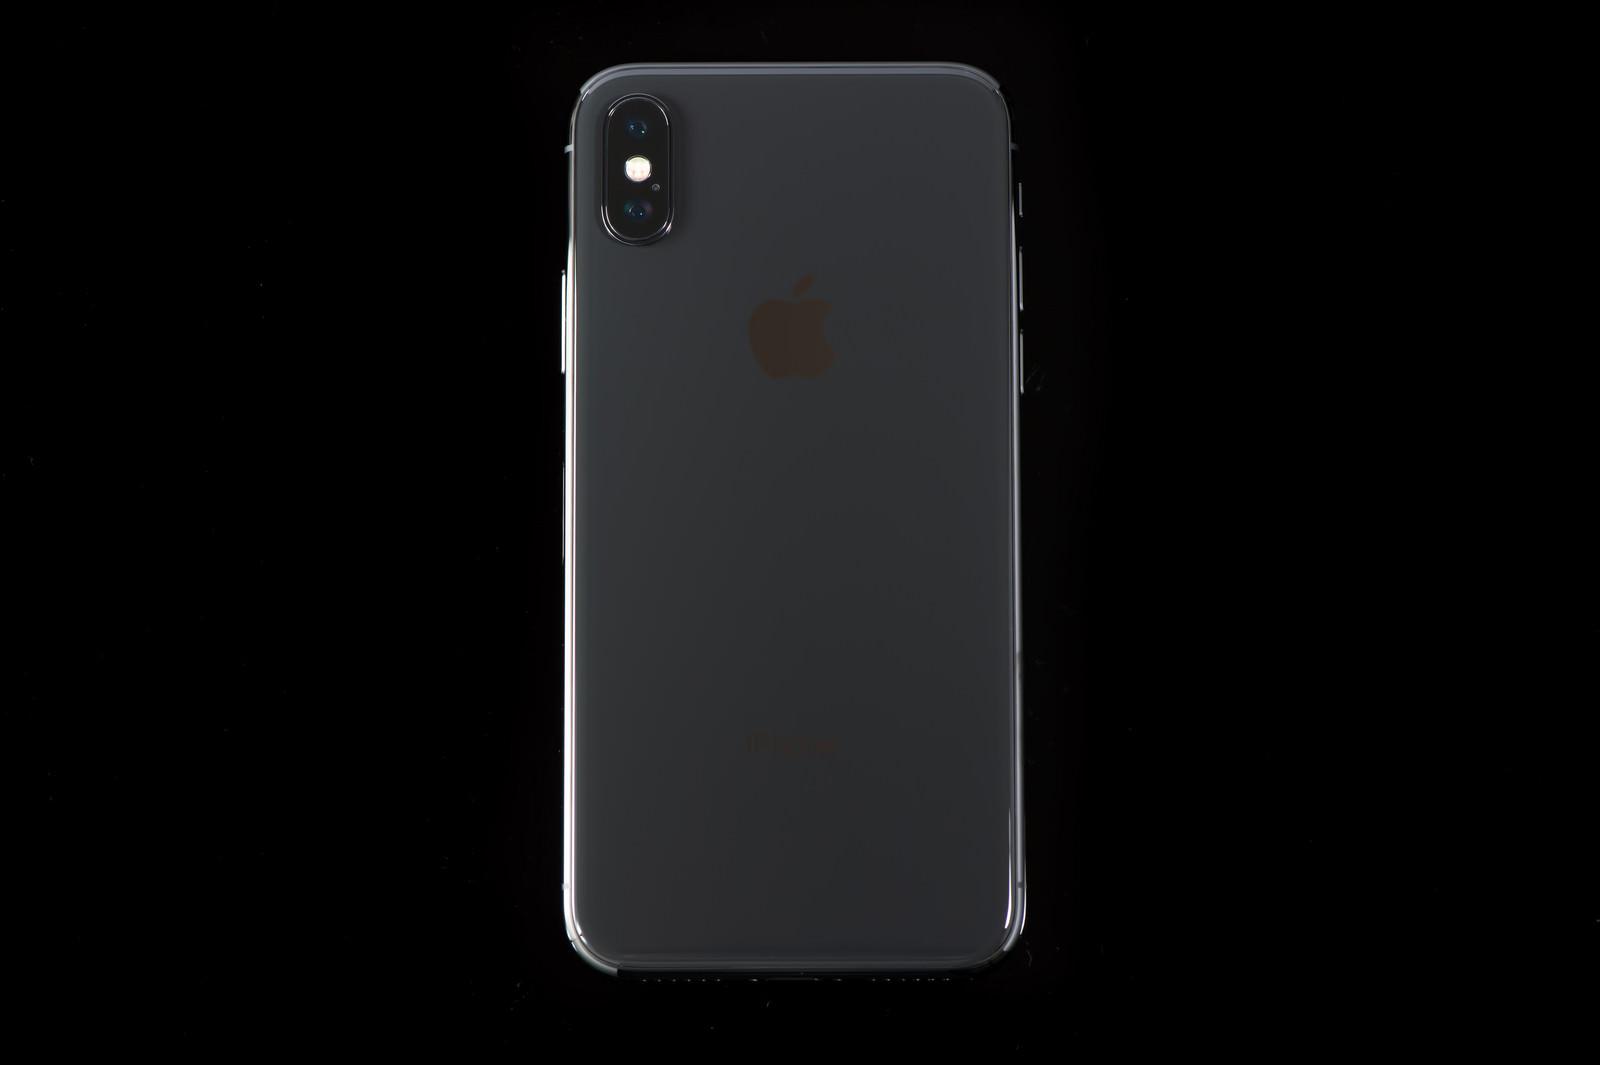 「iPhone X ブラック」の写真